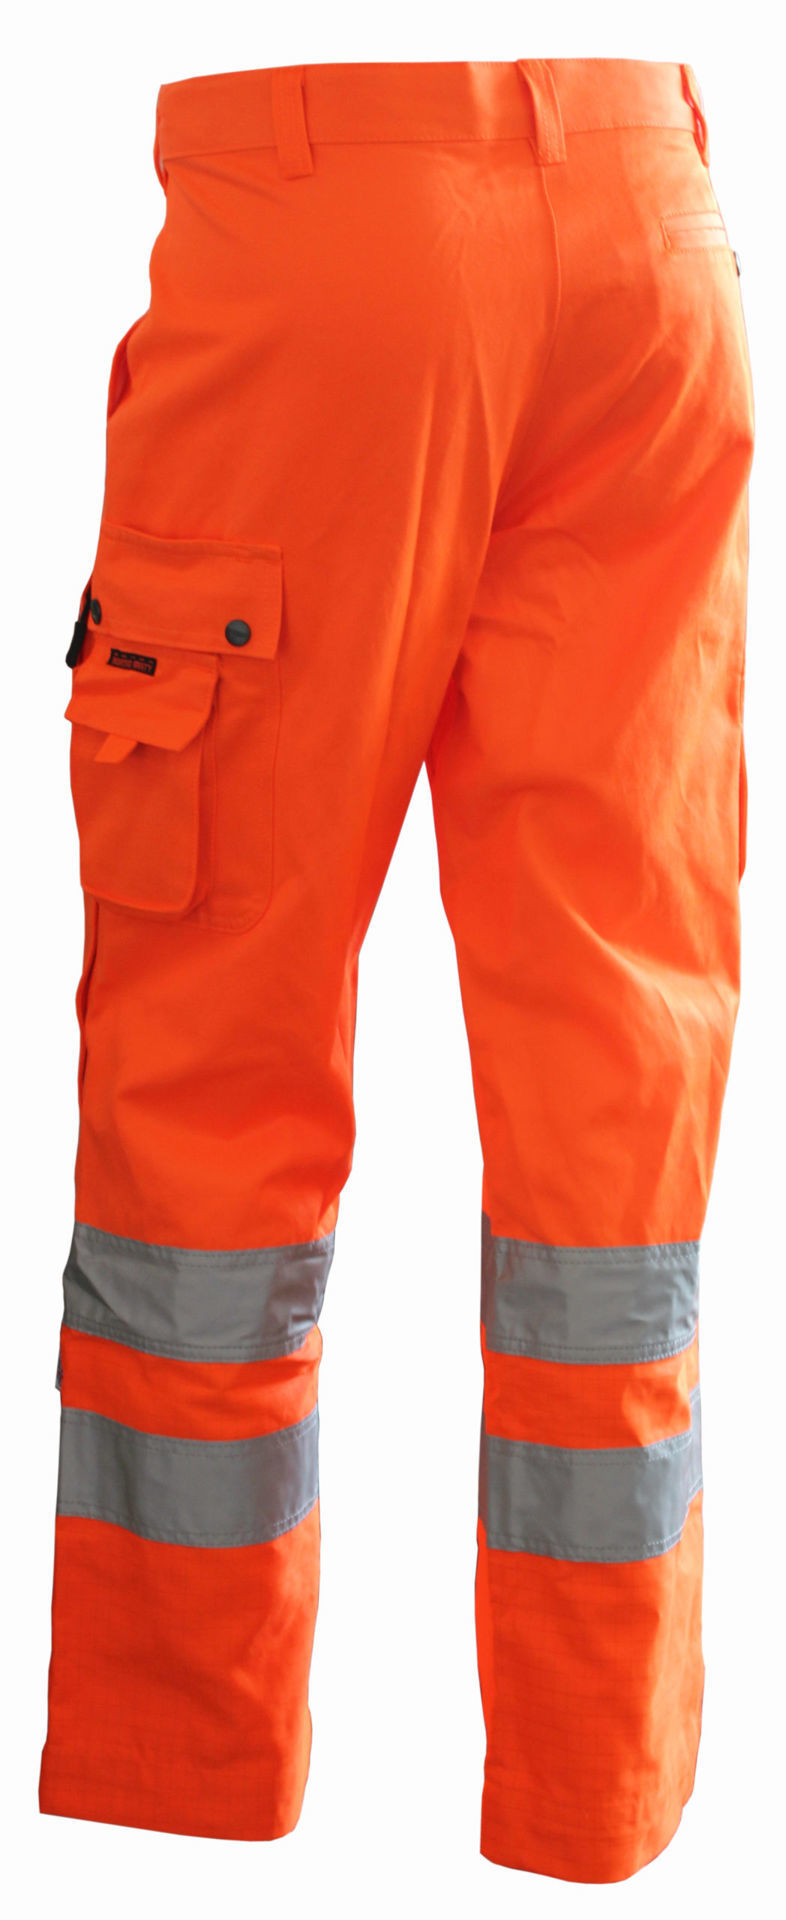 Image de Binario pantalon